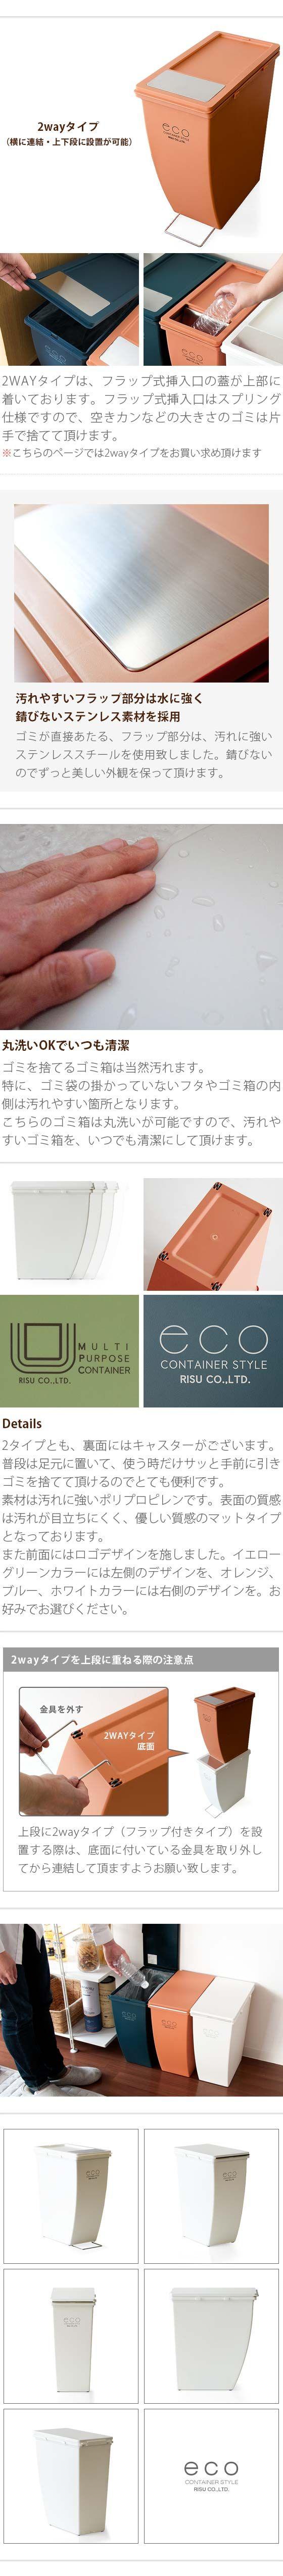 ゴミ箱 ダストボックス ごみ箱 ふた付き おしゃれ 分別 スリム。ゴミ箱 ふた付き 分別 ダストボックス ごみ箱 スリム インテリア 雑貨 おしゃれ 北欧 かわいい 積み重ね 人気 シンプル キッチン リビング 屋内 屋外 スタッキング可 21リットル 21L 分別 ECO container style〔エココンテナスタイル〕 2wayタイプ